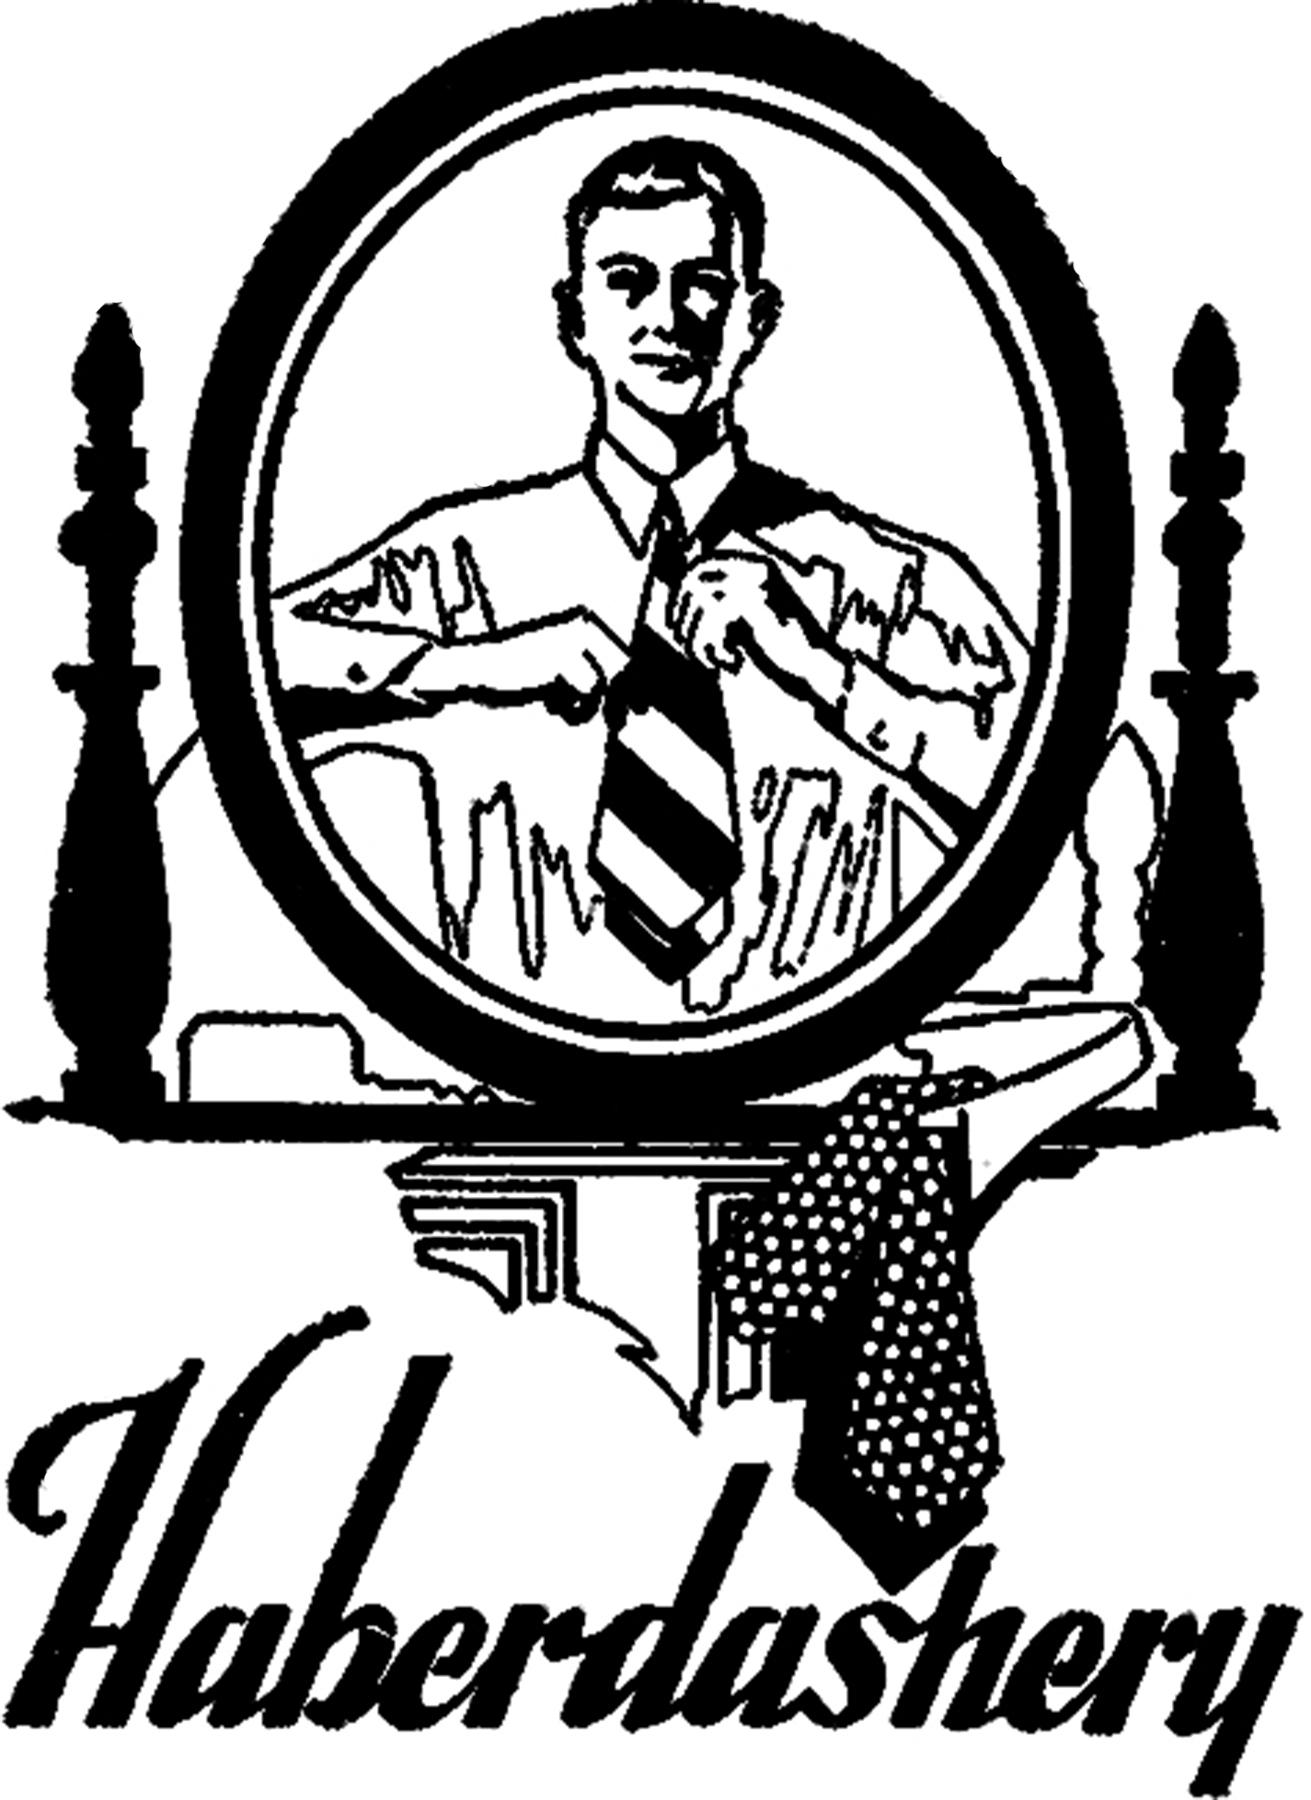 vintage haberdashery image